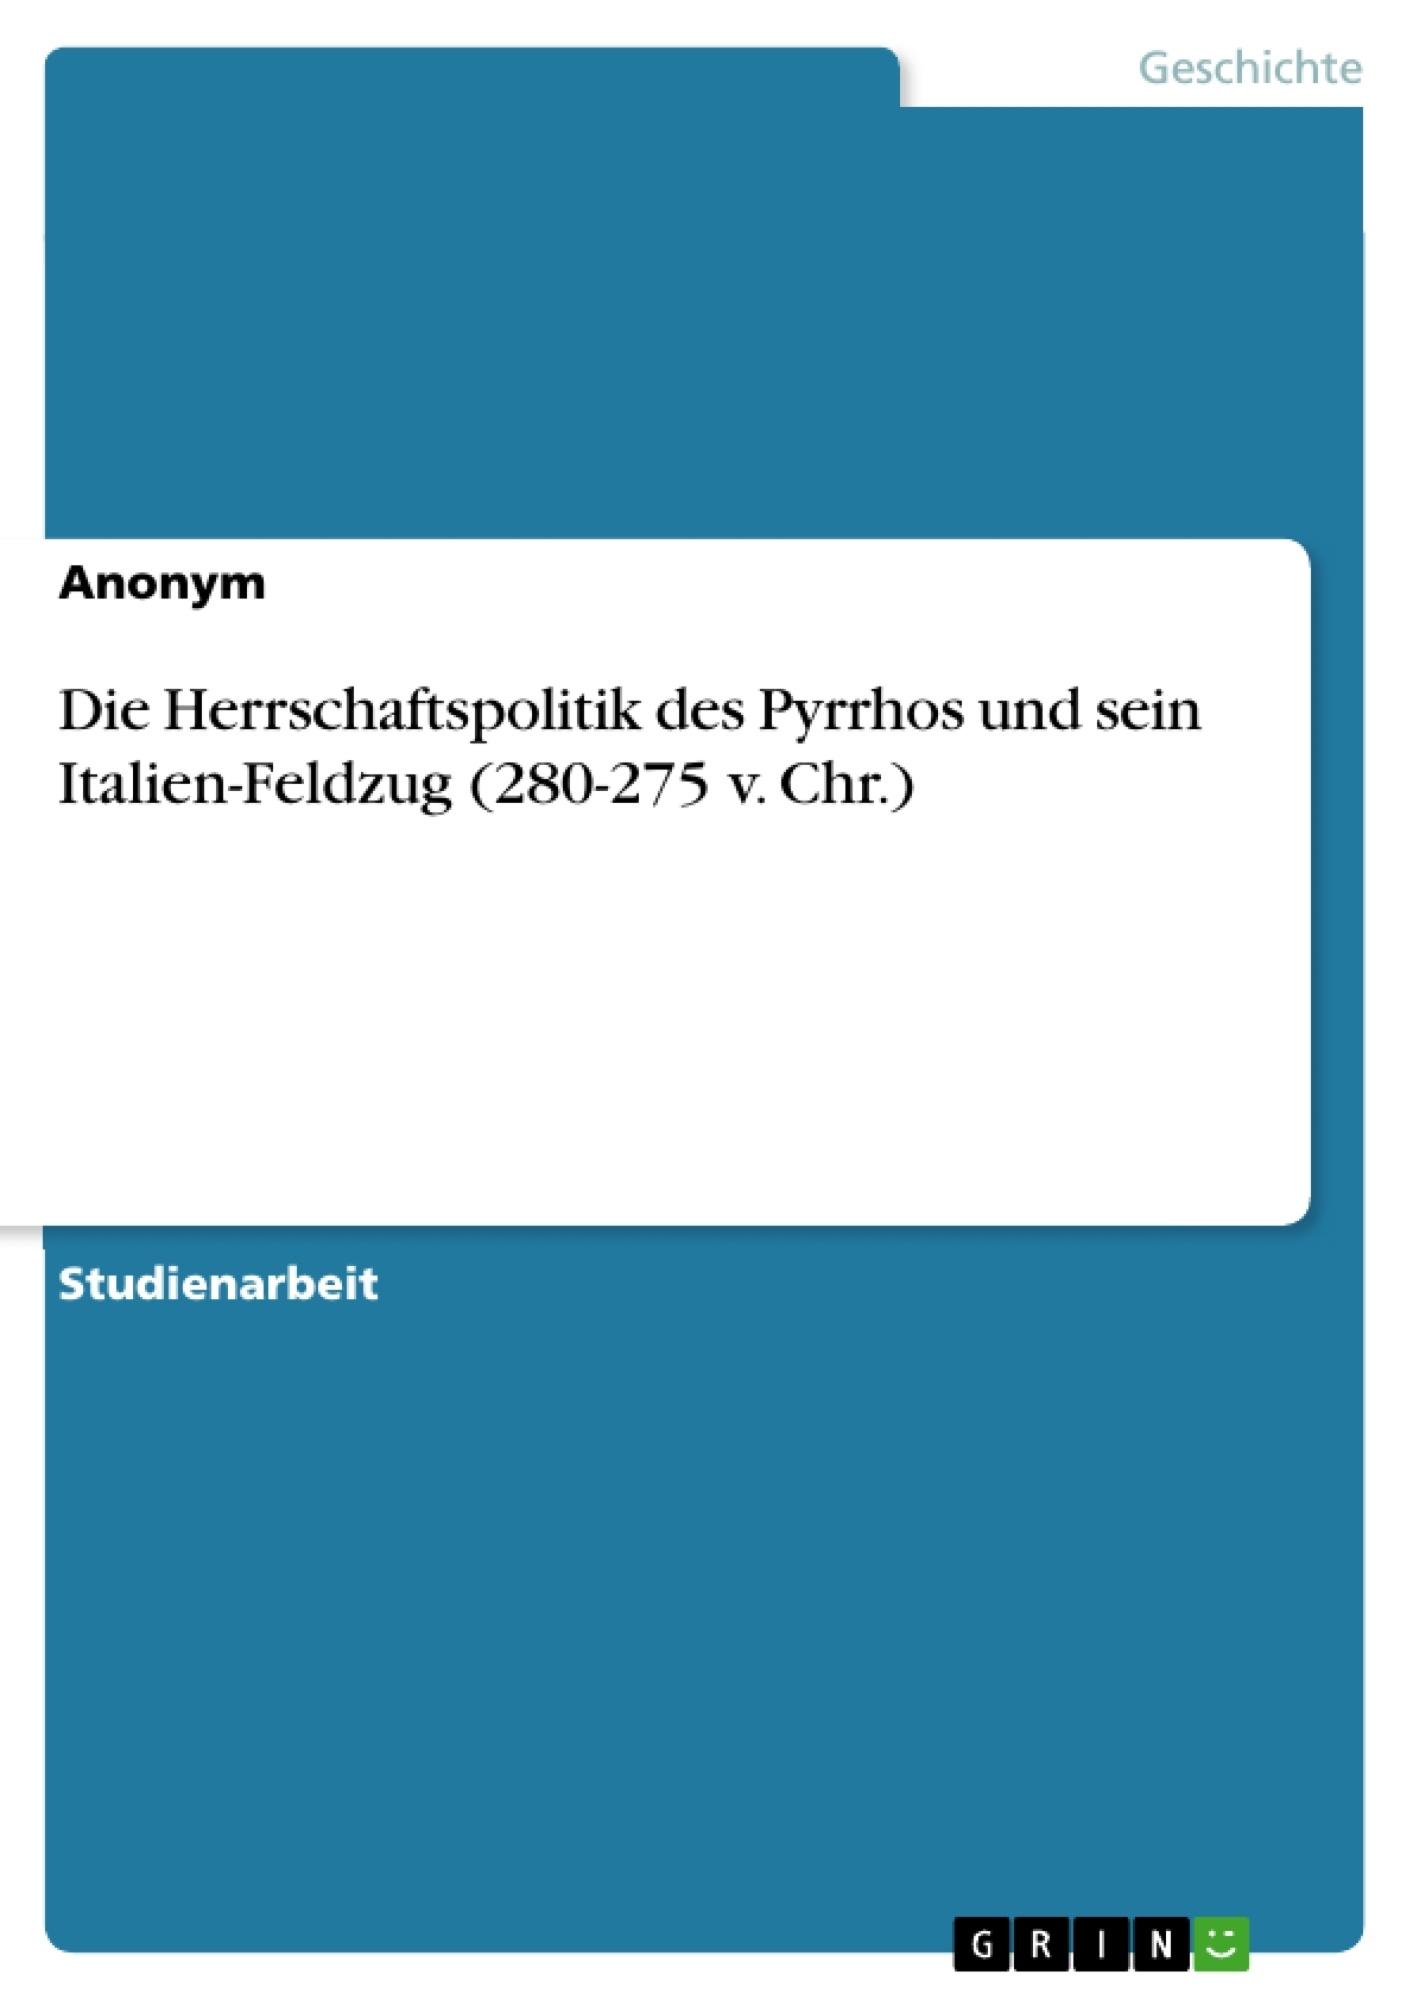 Titel: Die Herrschaftspolitik des Pyrrhos und sein Italien-Feldzug (280-275 v. Chr.)